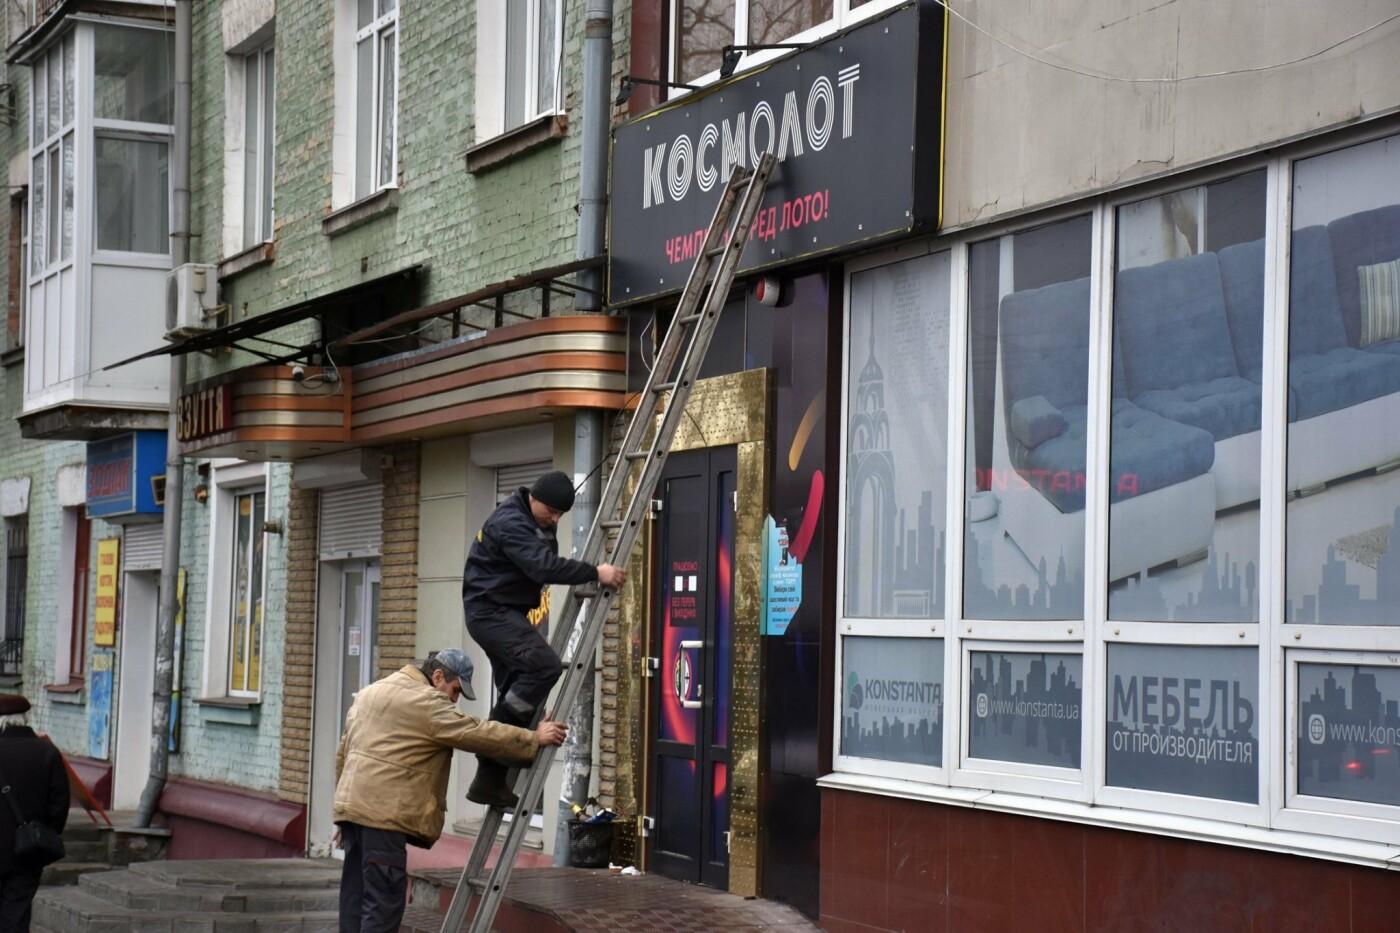 У Чернігові почали демонтаж реклами гральних закладів, фото-1